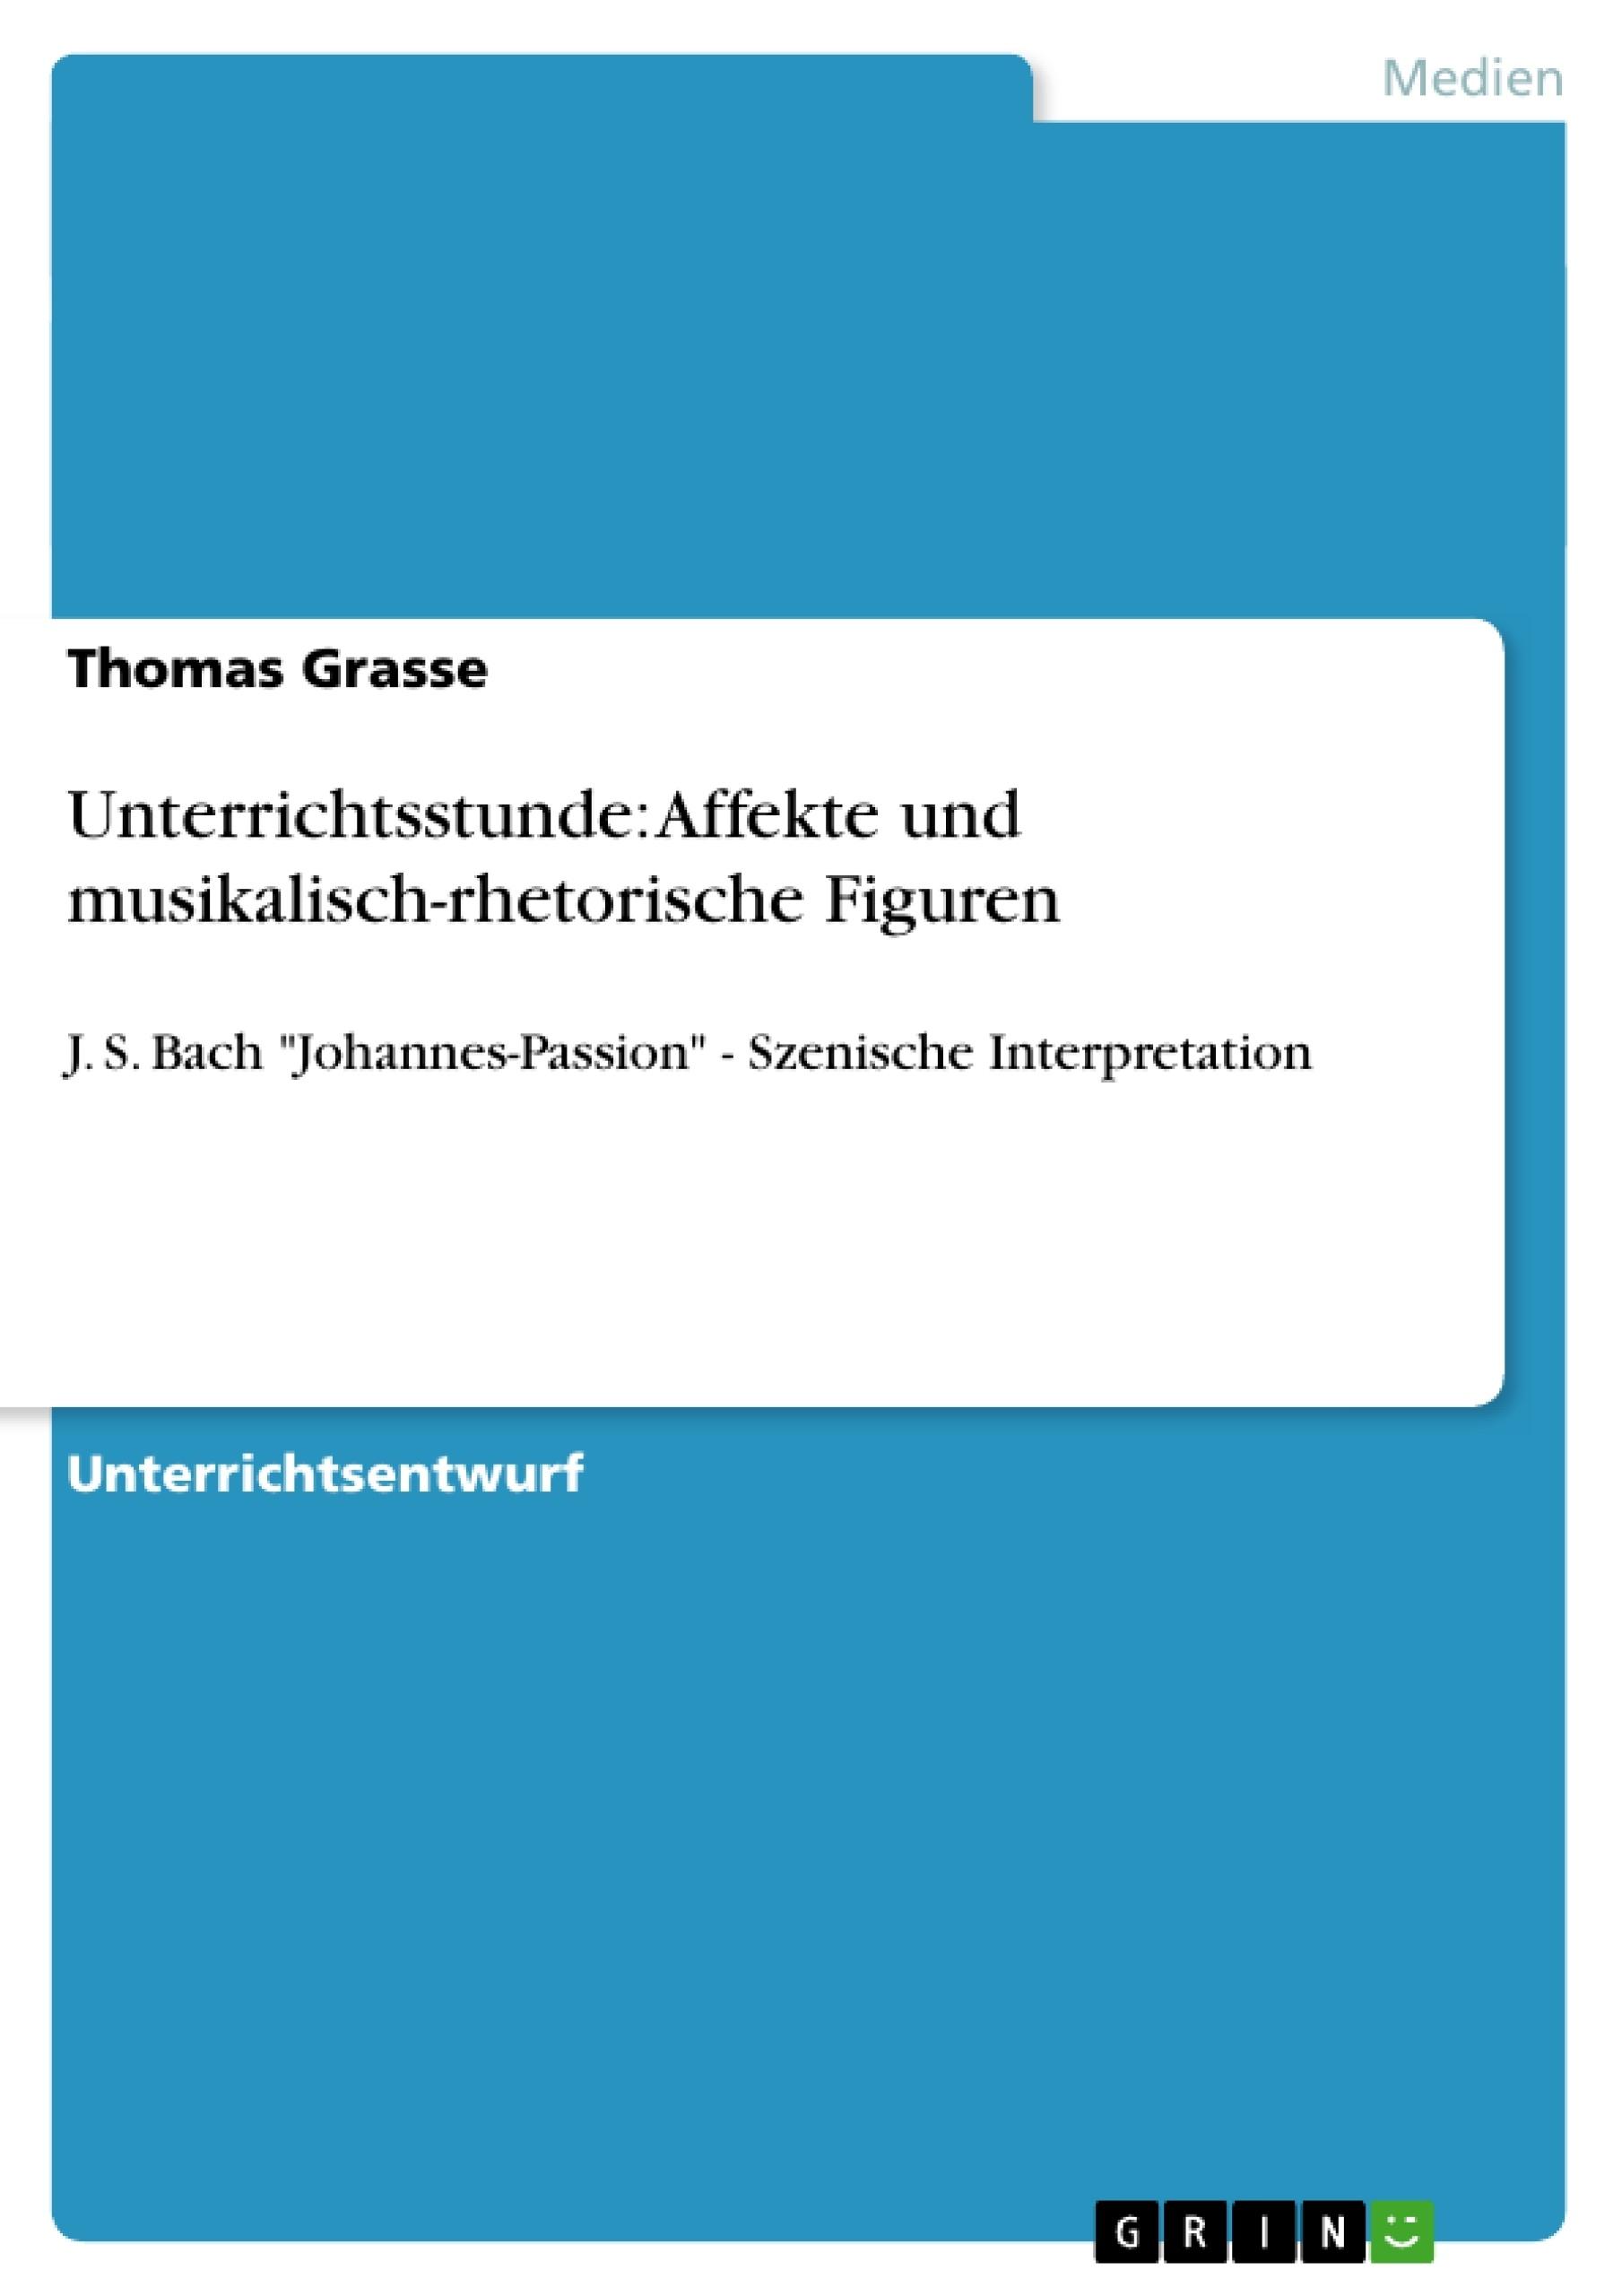 Titel: Unterrichtsstunde: Affekte und musikalisch-rhetorische Figuren